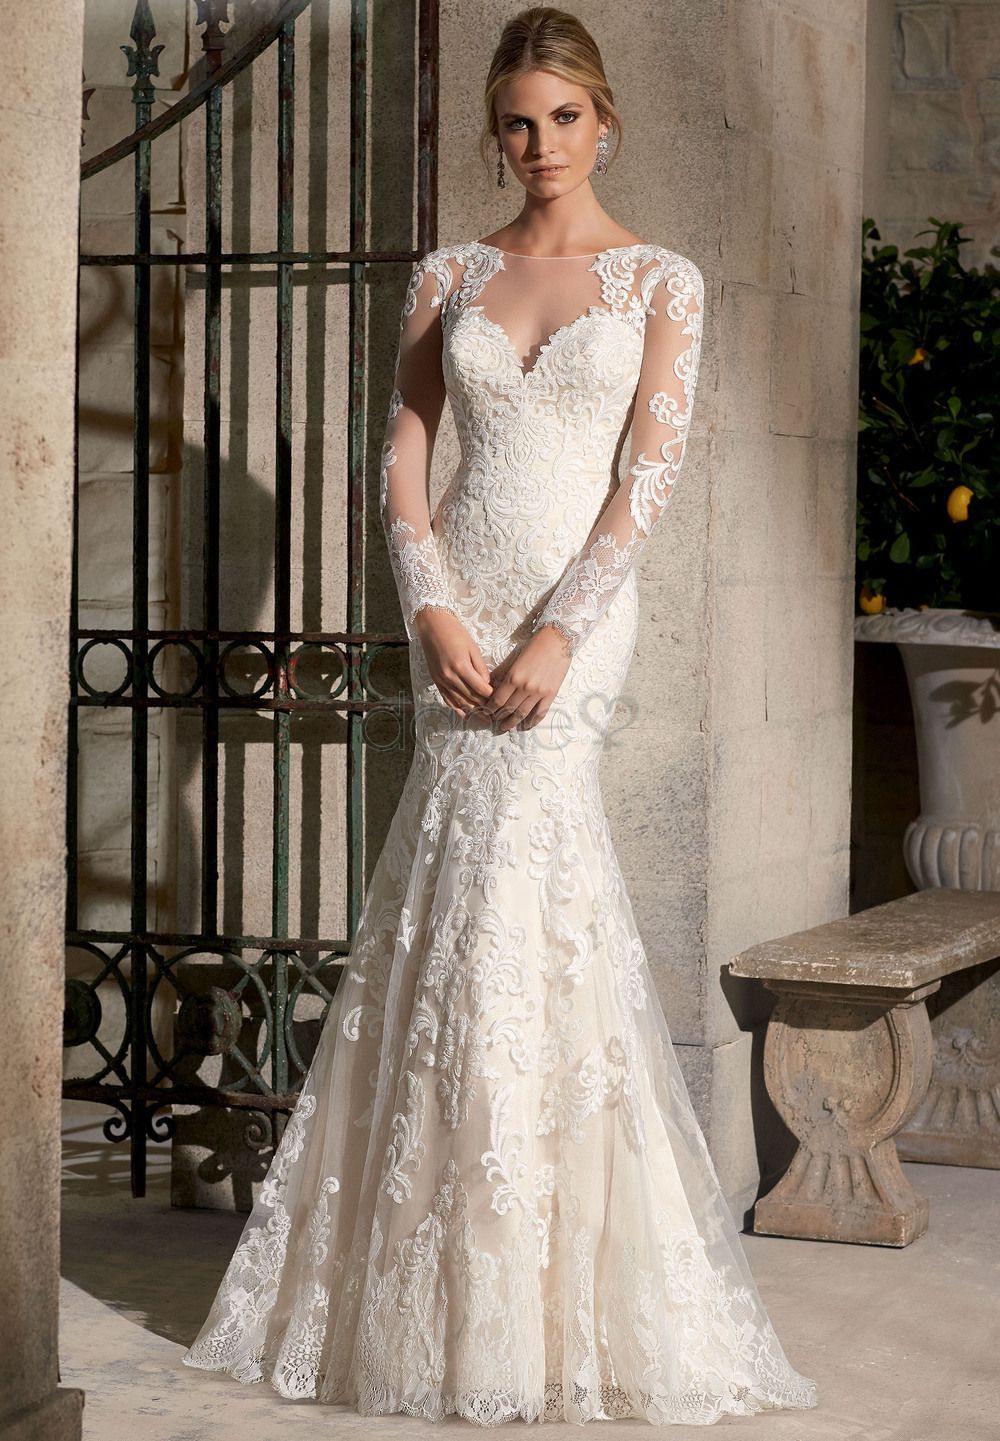 Günstige Hochzeitskleider Online Kaufen  Kleidung Auf